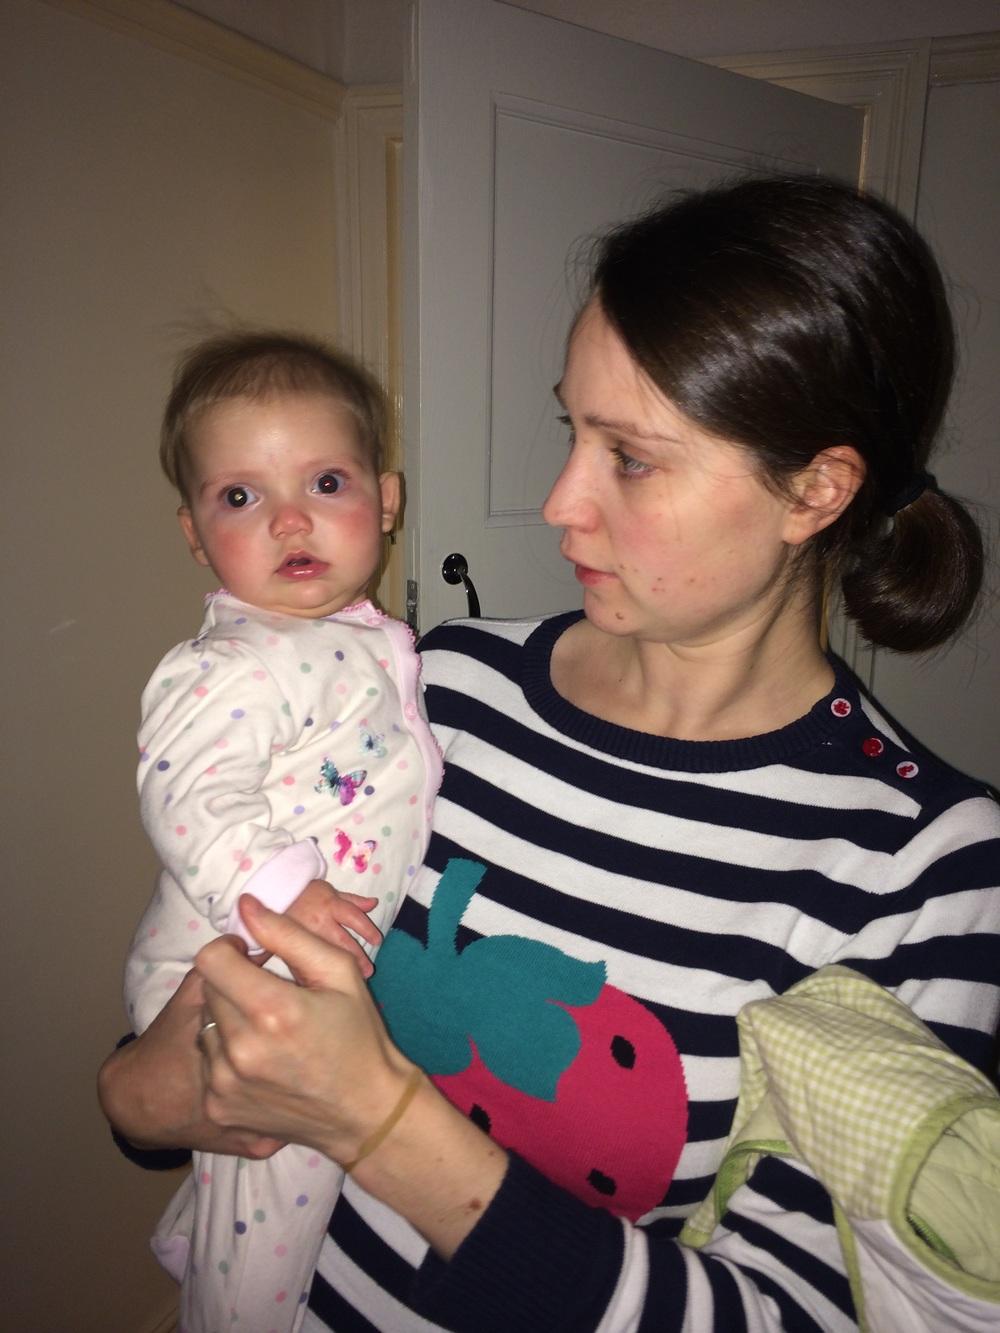 G only had the red-eye reflex in one eye, a symptom of Retinoblastoma